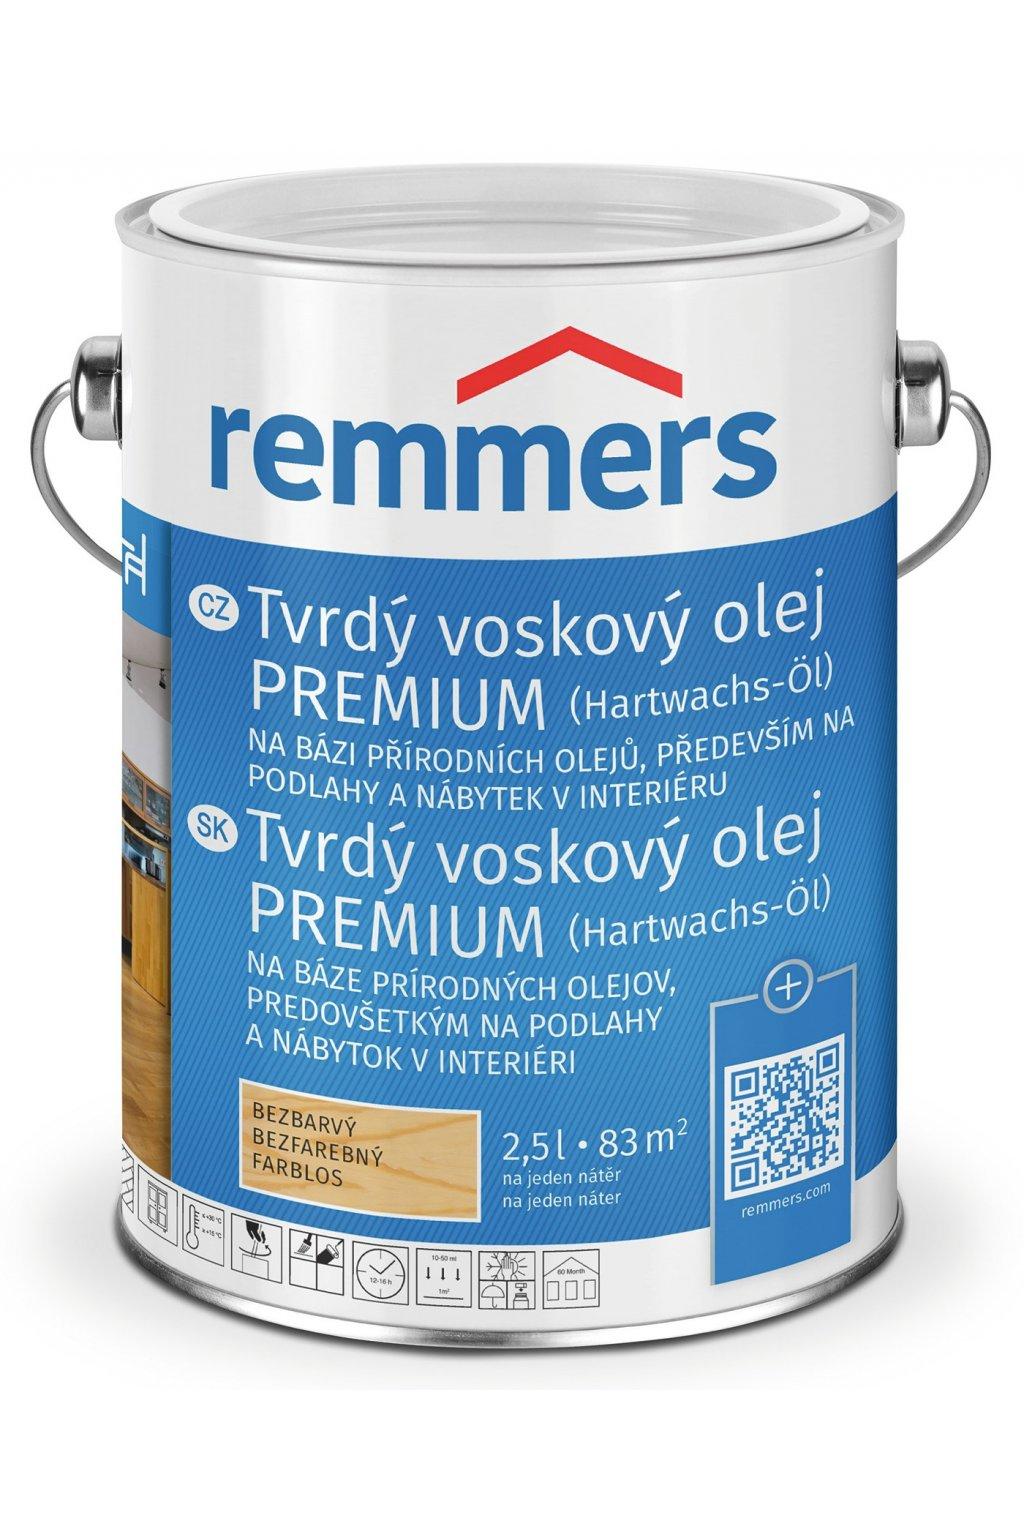 Tvrdý voskový olej Premium